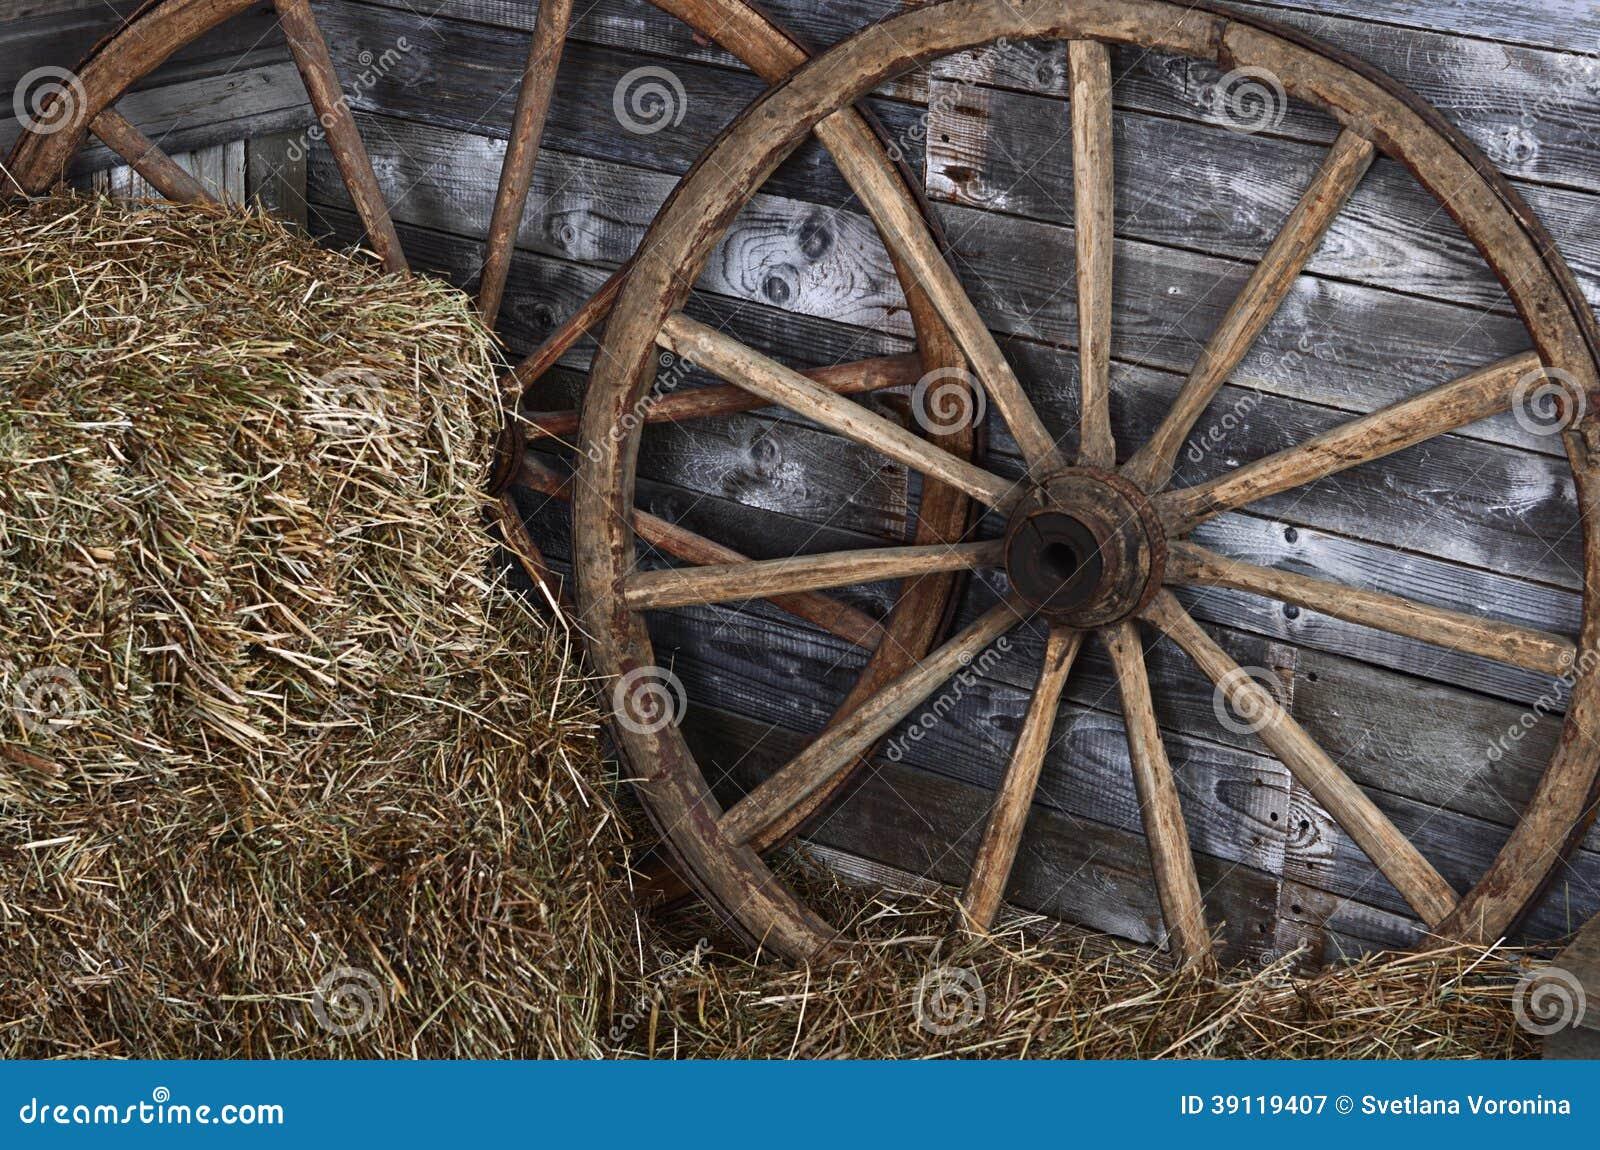 vieille roue en bois sur un foin photo stock image 39119407. Black Bedroom Furniture Sets. Home Design Ideas